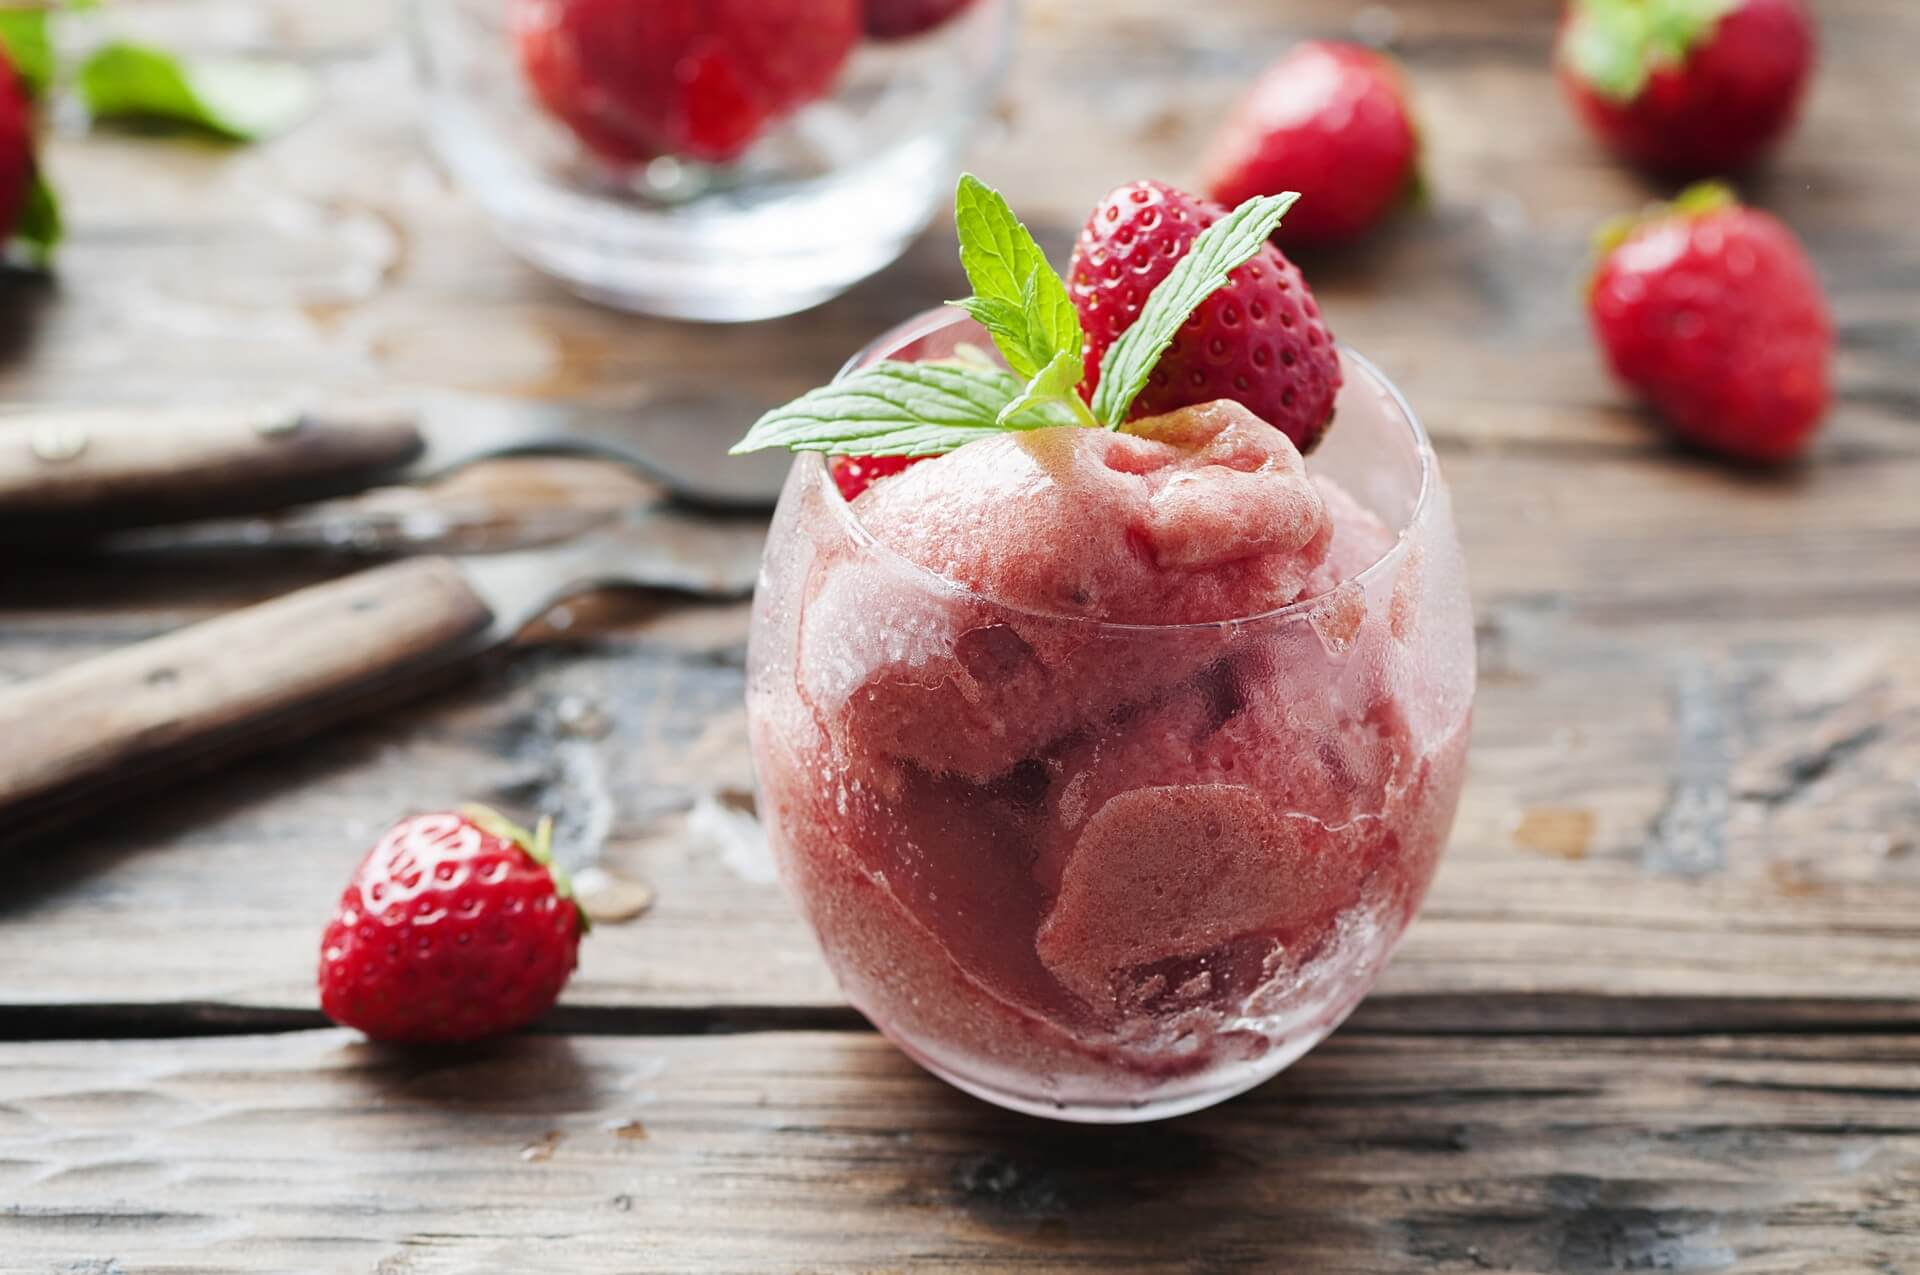 Domač jagodni sladoled iz 4 sestavin - lahko je tudi veganski!